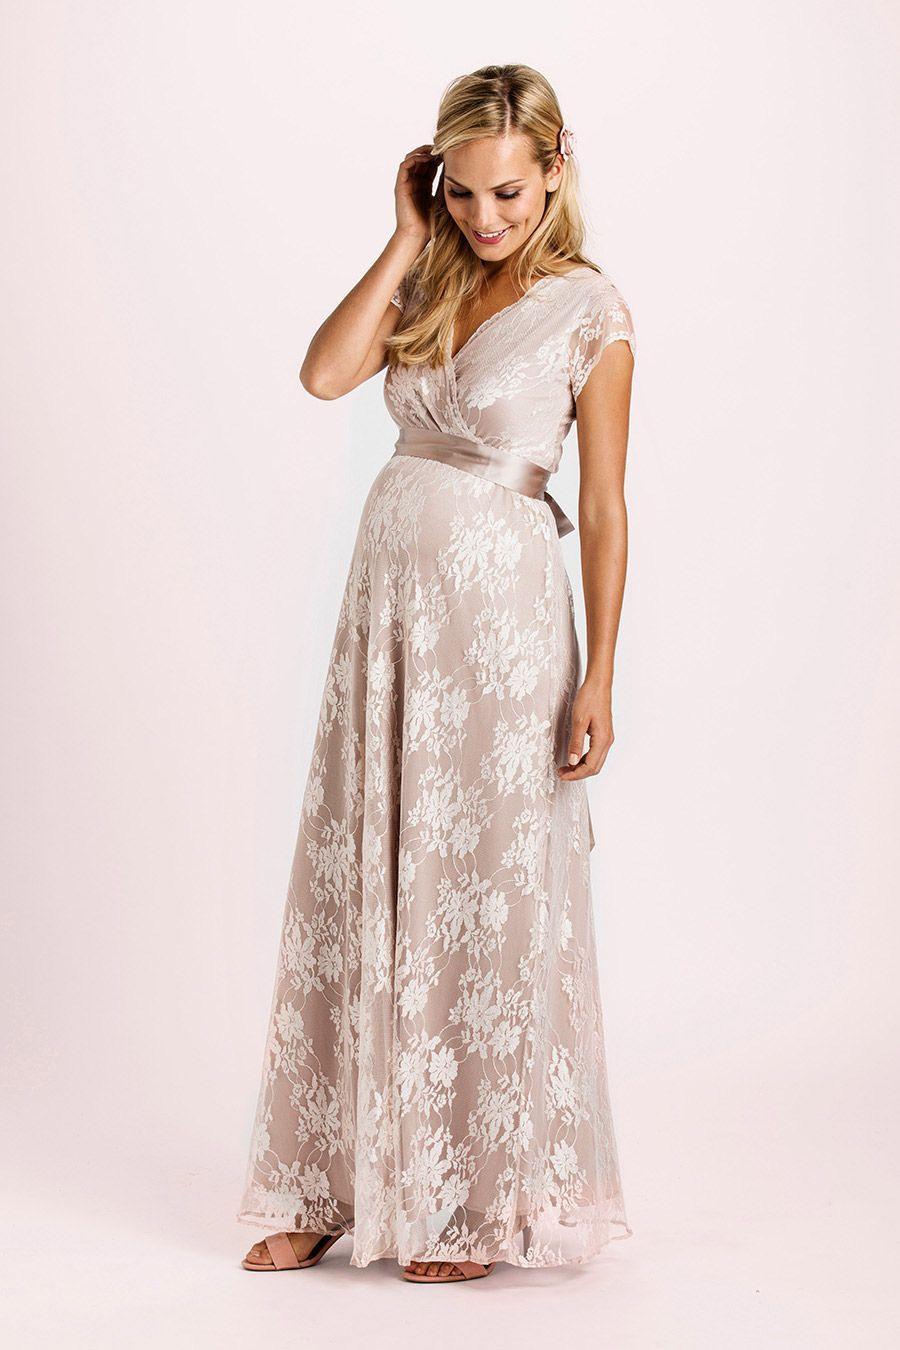 Festliche Kleider Für Schwangere Hochzeit - Abendkleid